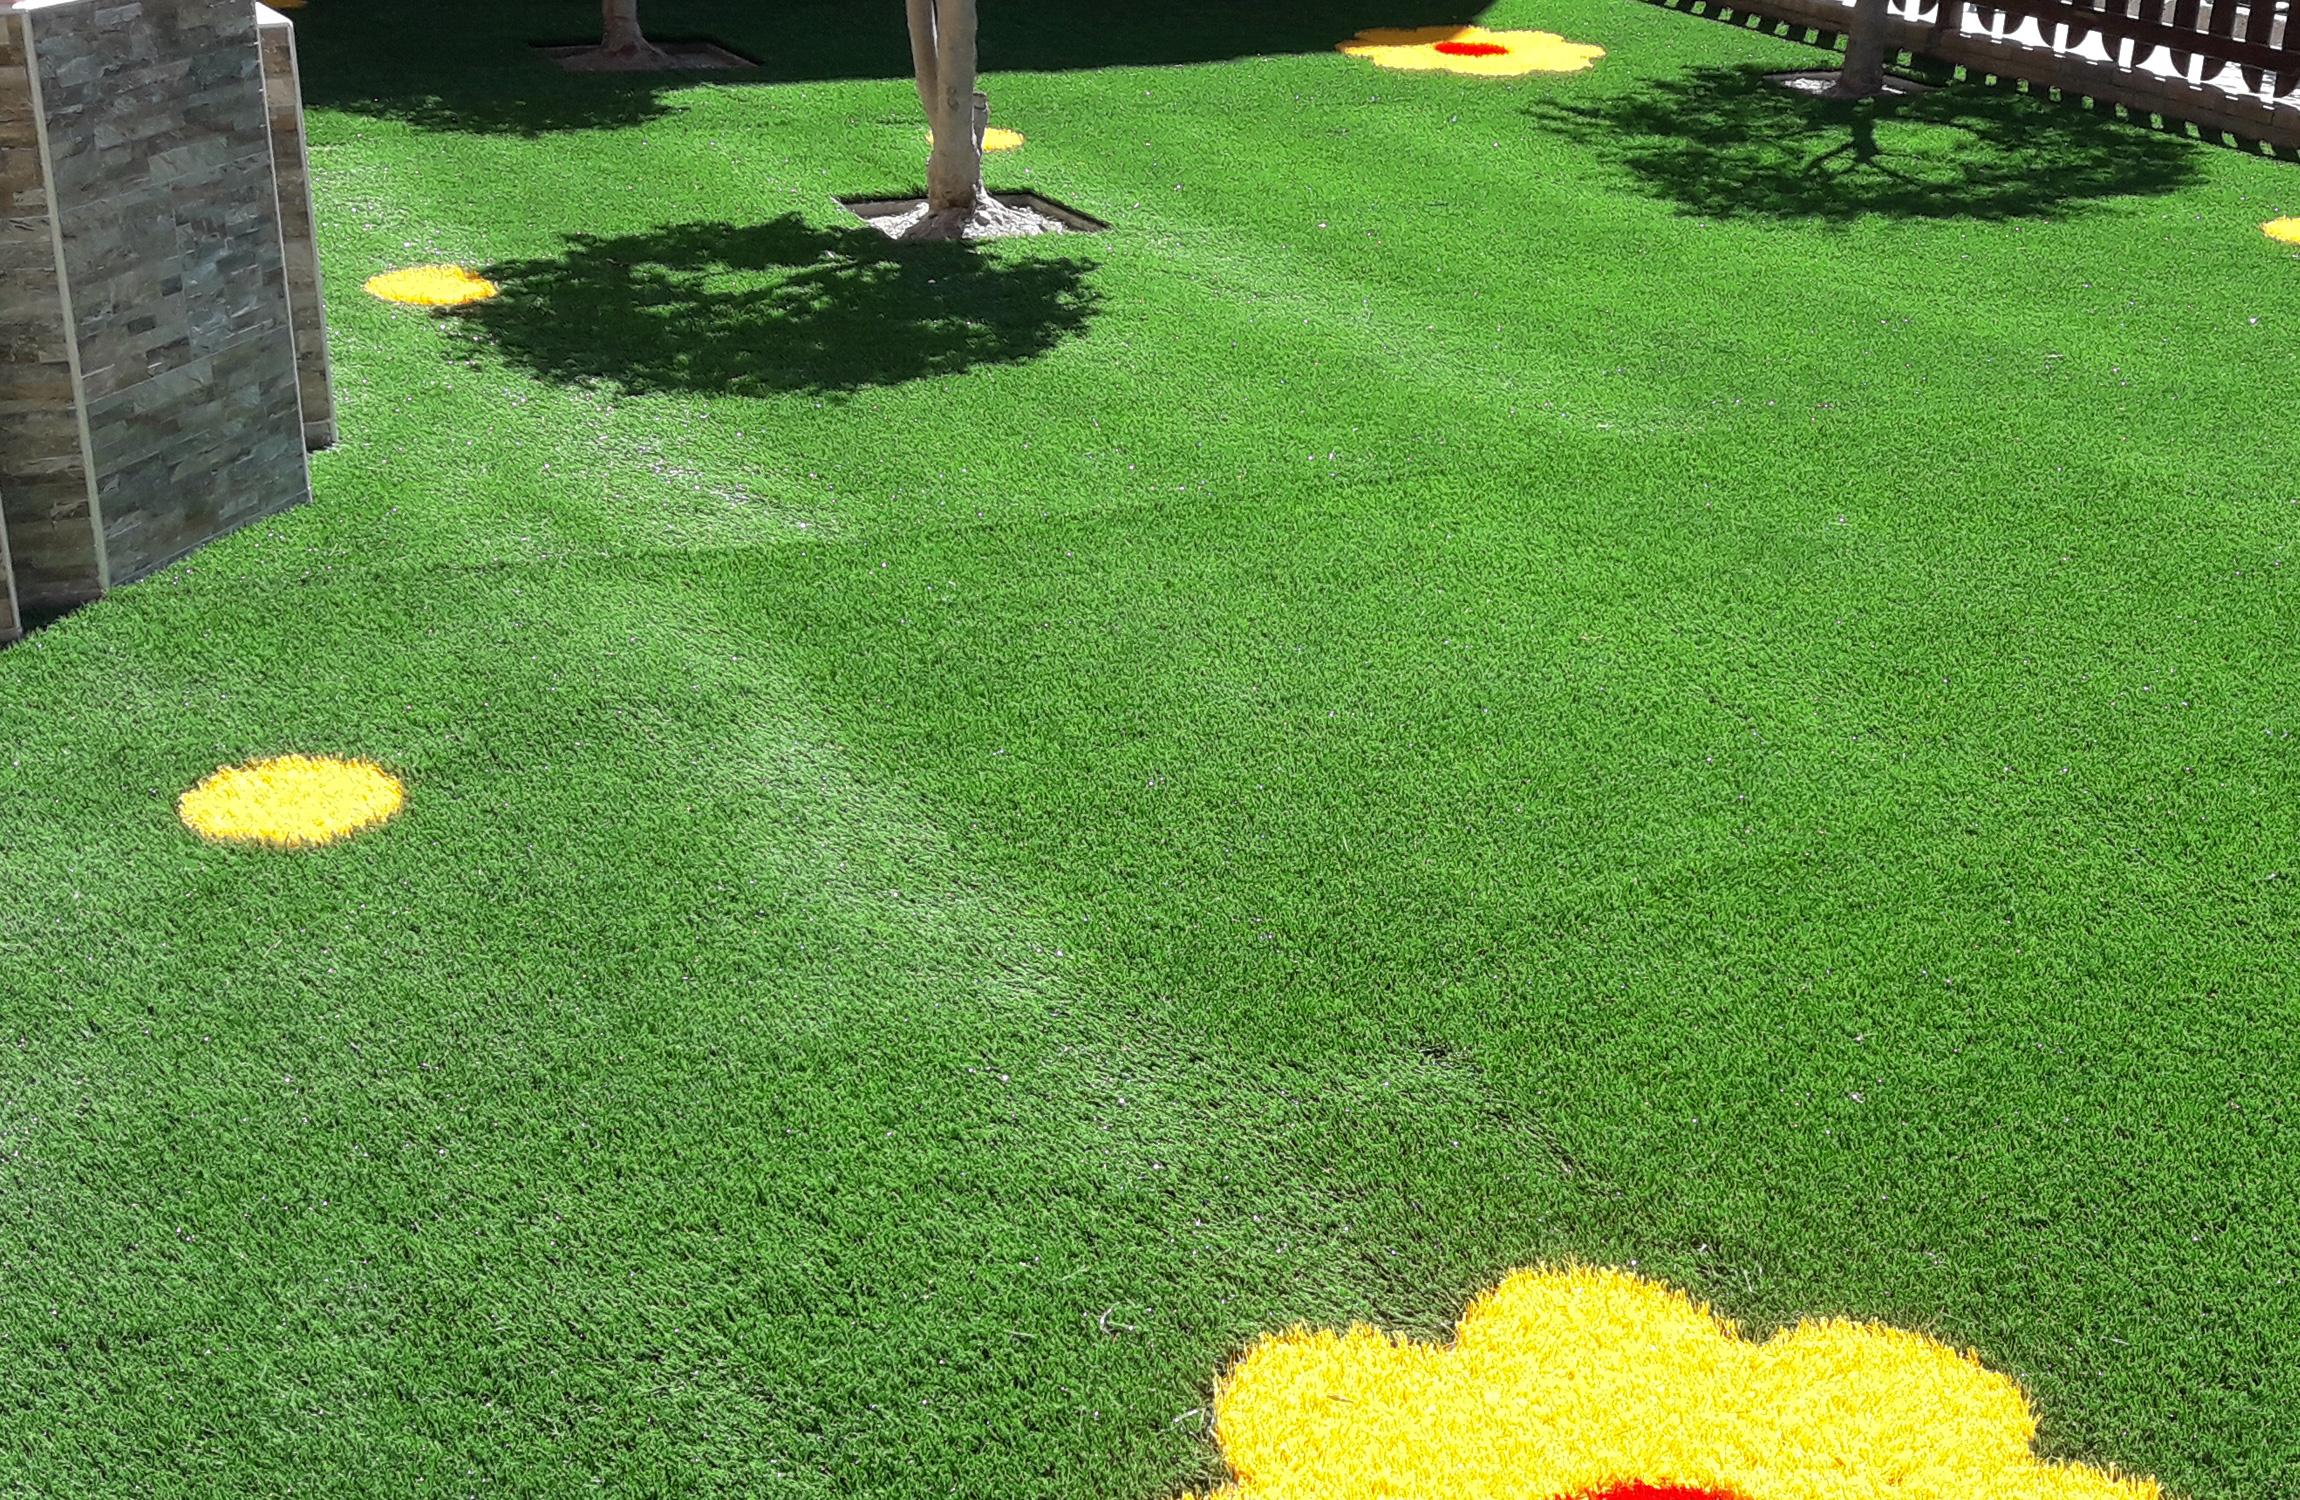 EverGreen: erba sintetica decorativa per la tua area gioco